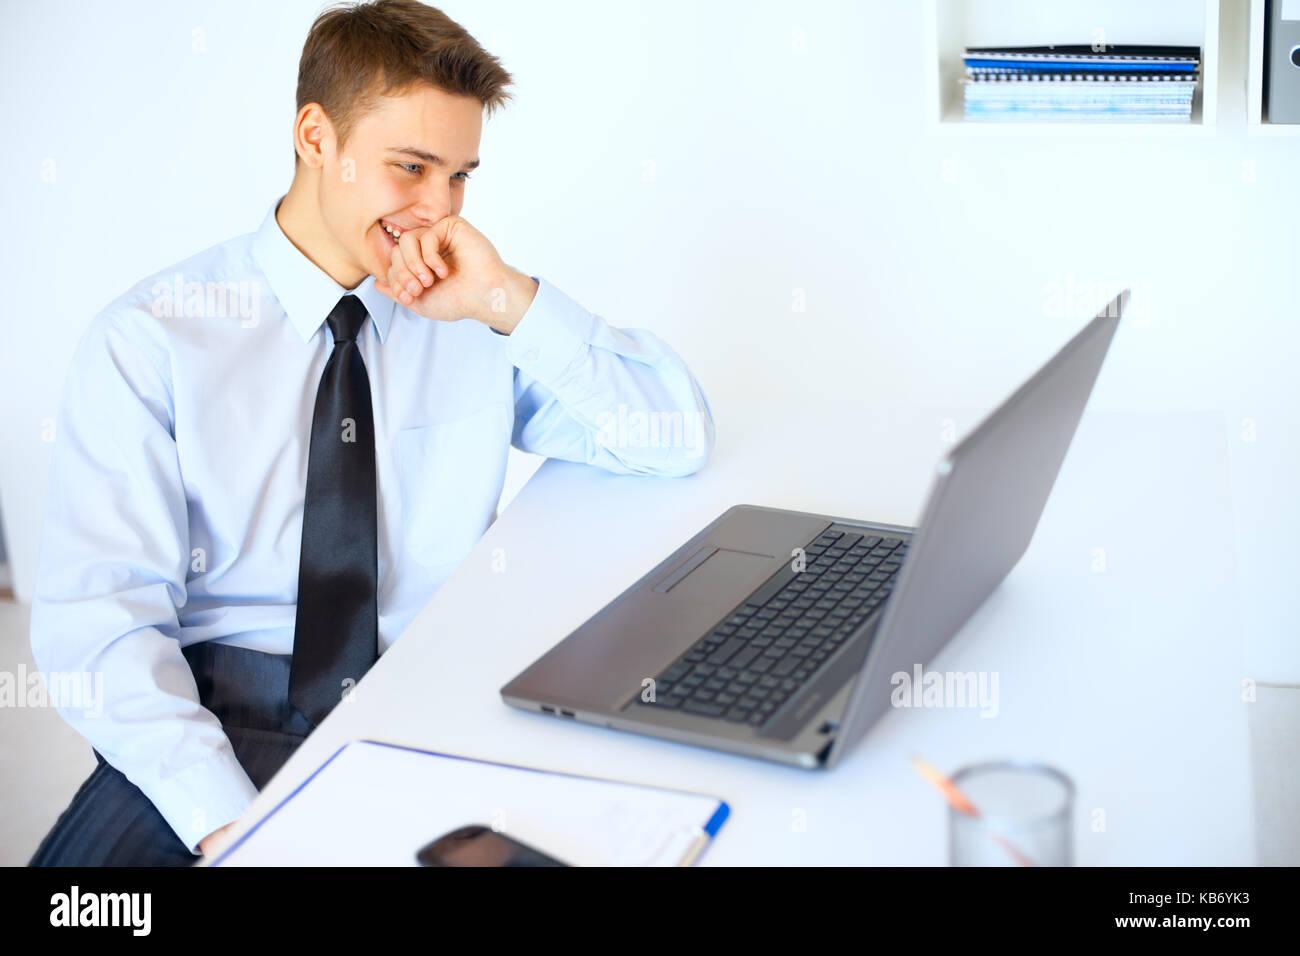 Ritratto di giovane imprenditore ridere guardando lo schermo del laptop al suo luogo di lavoro in ufficio luminoso Immagini Stock